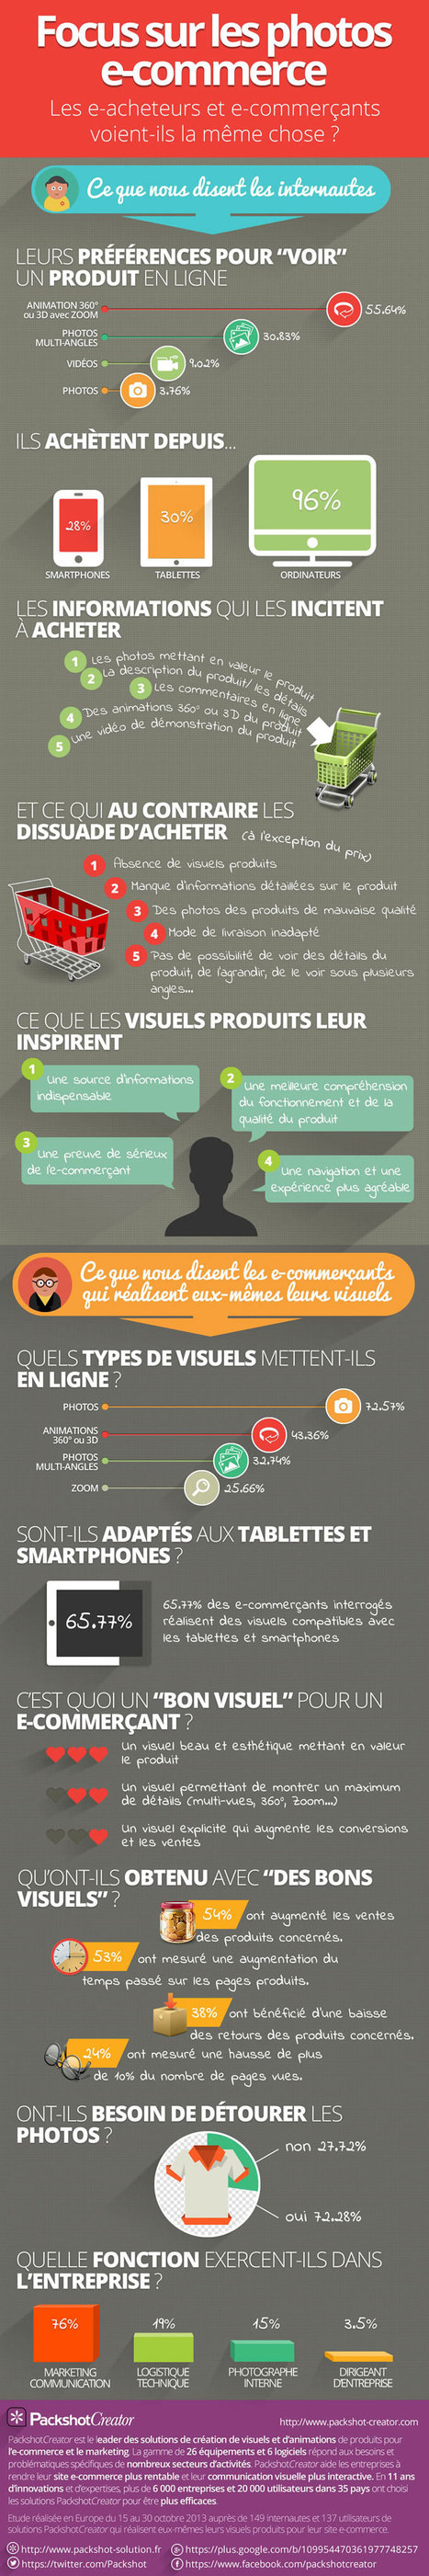 [Infographie] L'importance des visuels pour le E-commerce | Communication et Marketing appliqués au web | Scoop.it